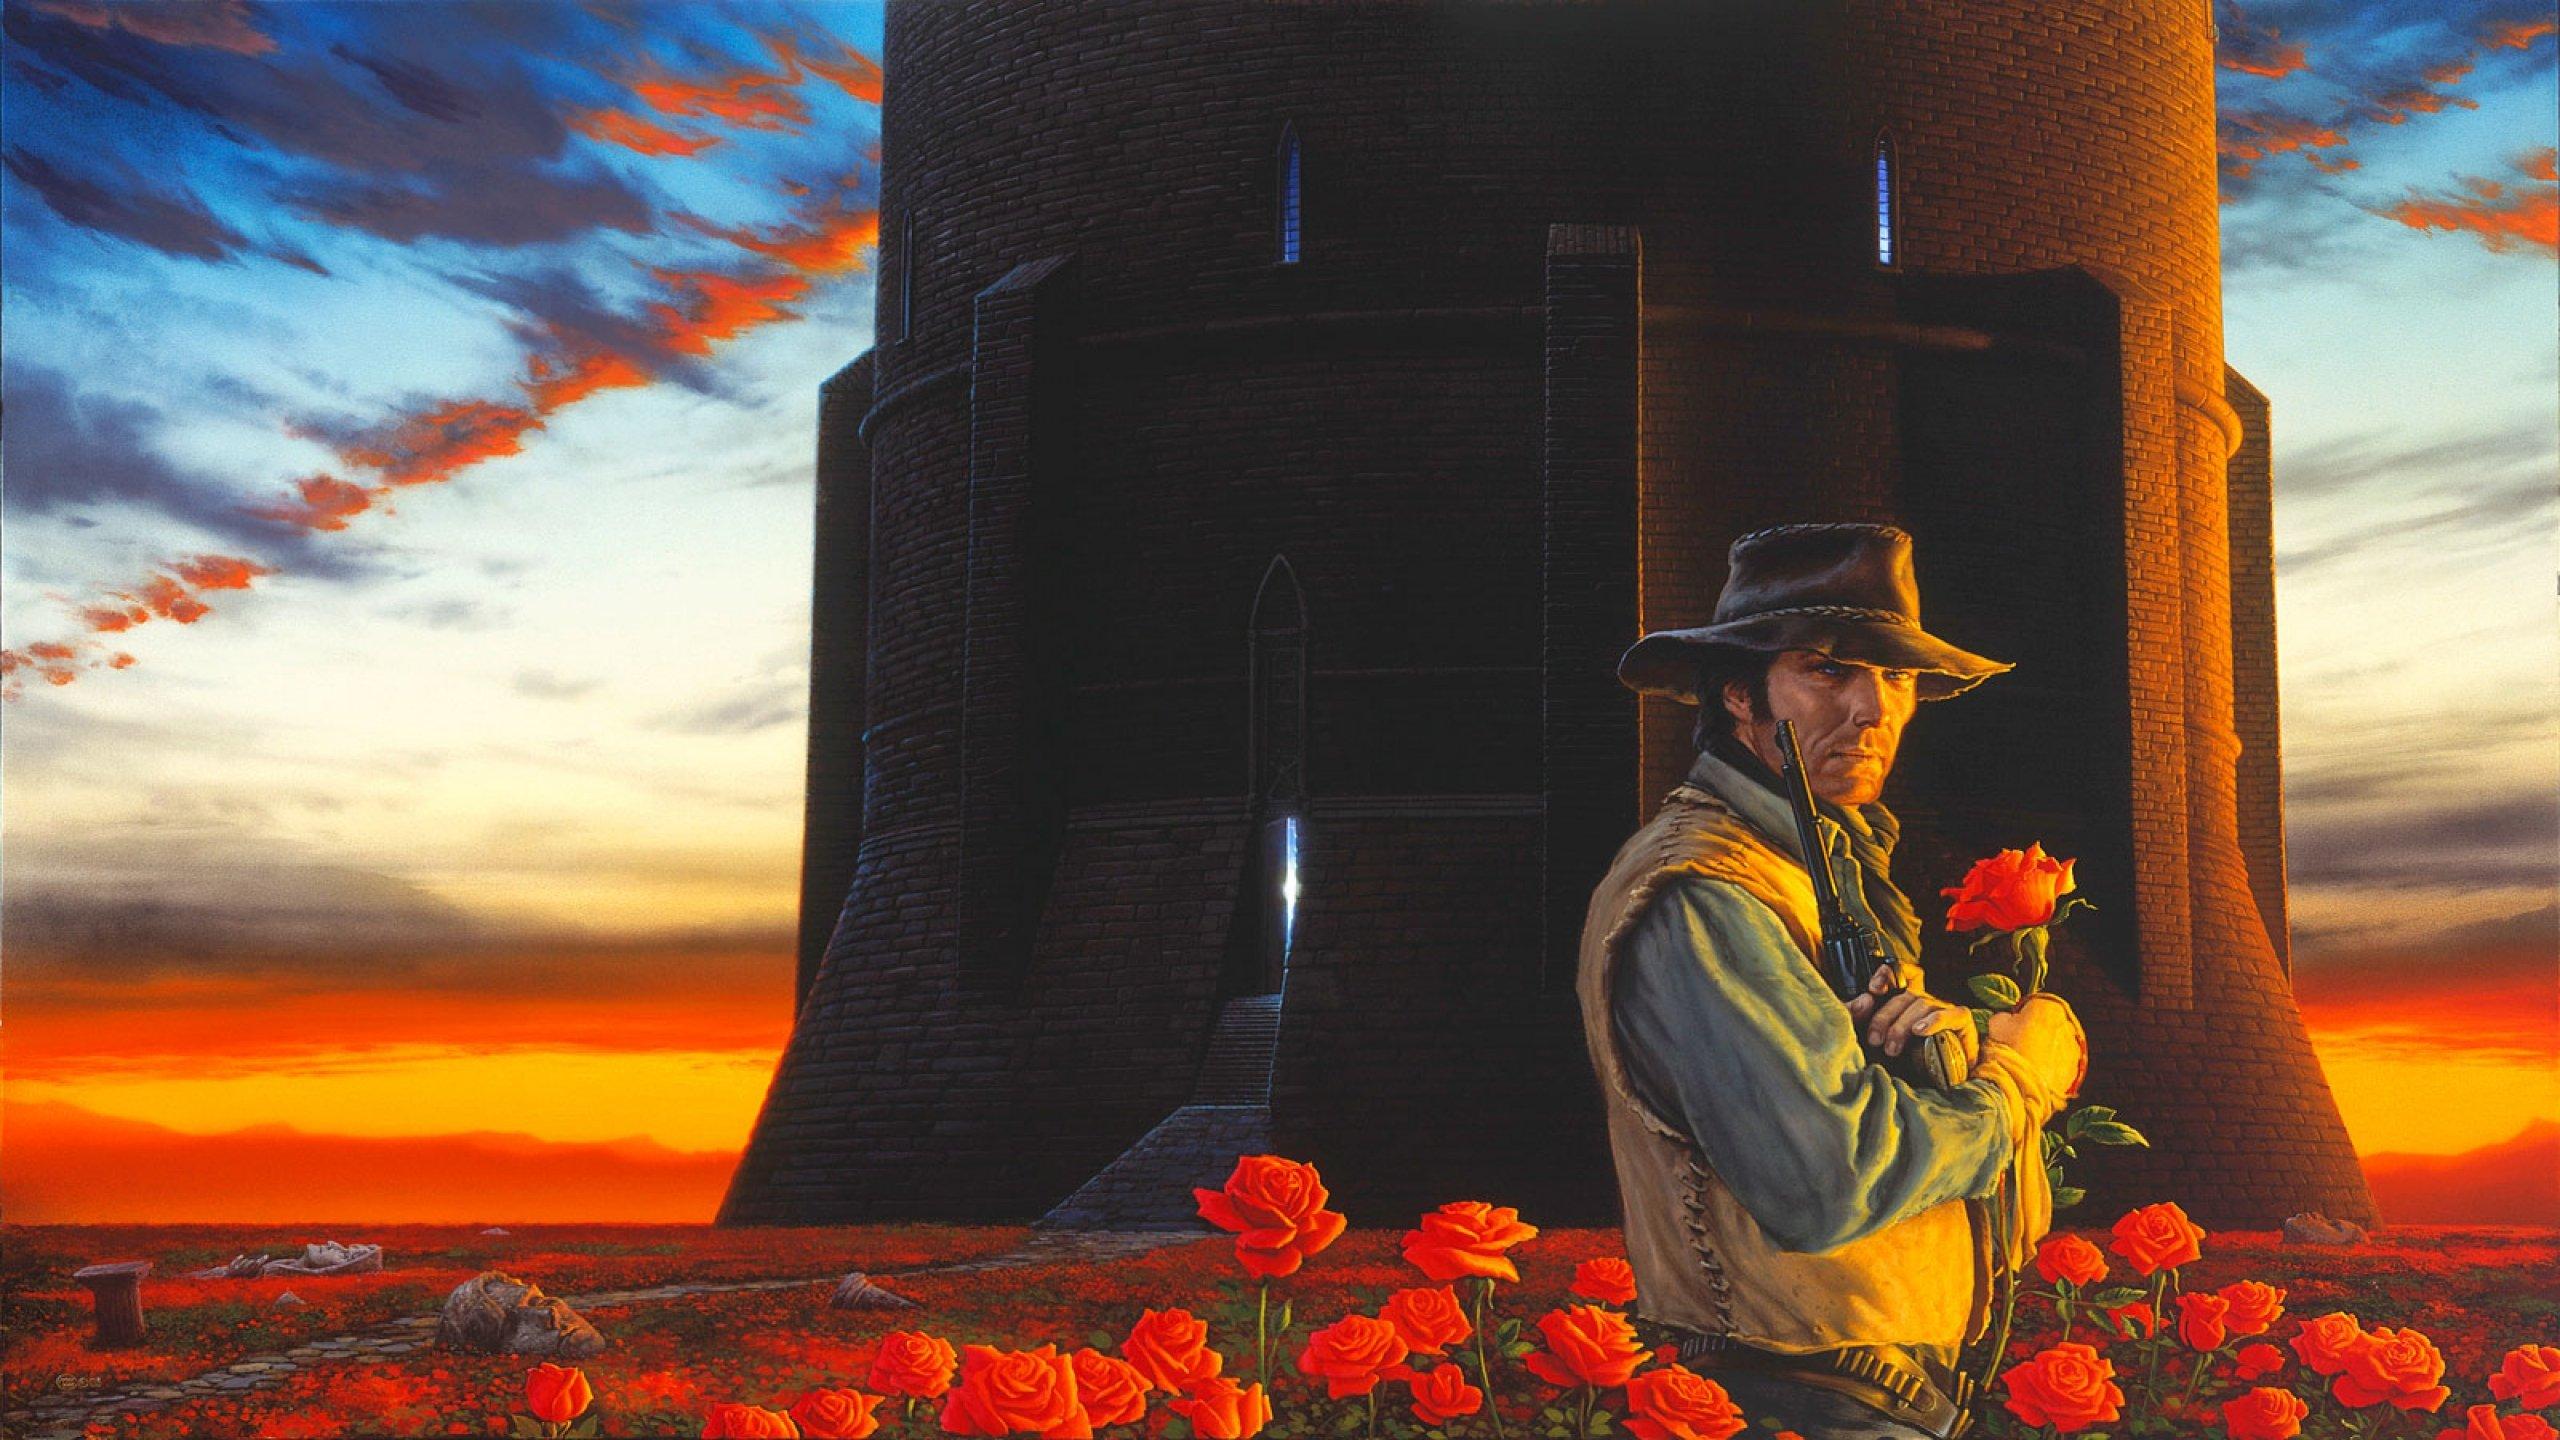 Fantasy Art Artwork Warrior Dark Tower Stephen King Western Wallpaper 2560x1440 799023 Wallpaperup